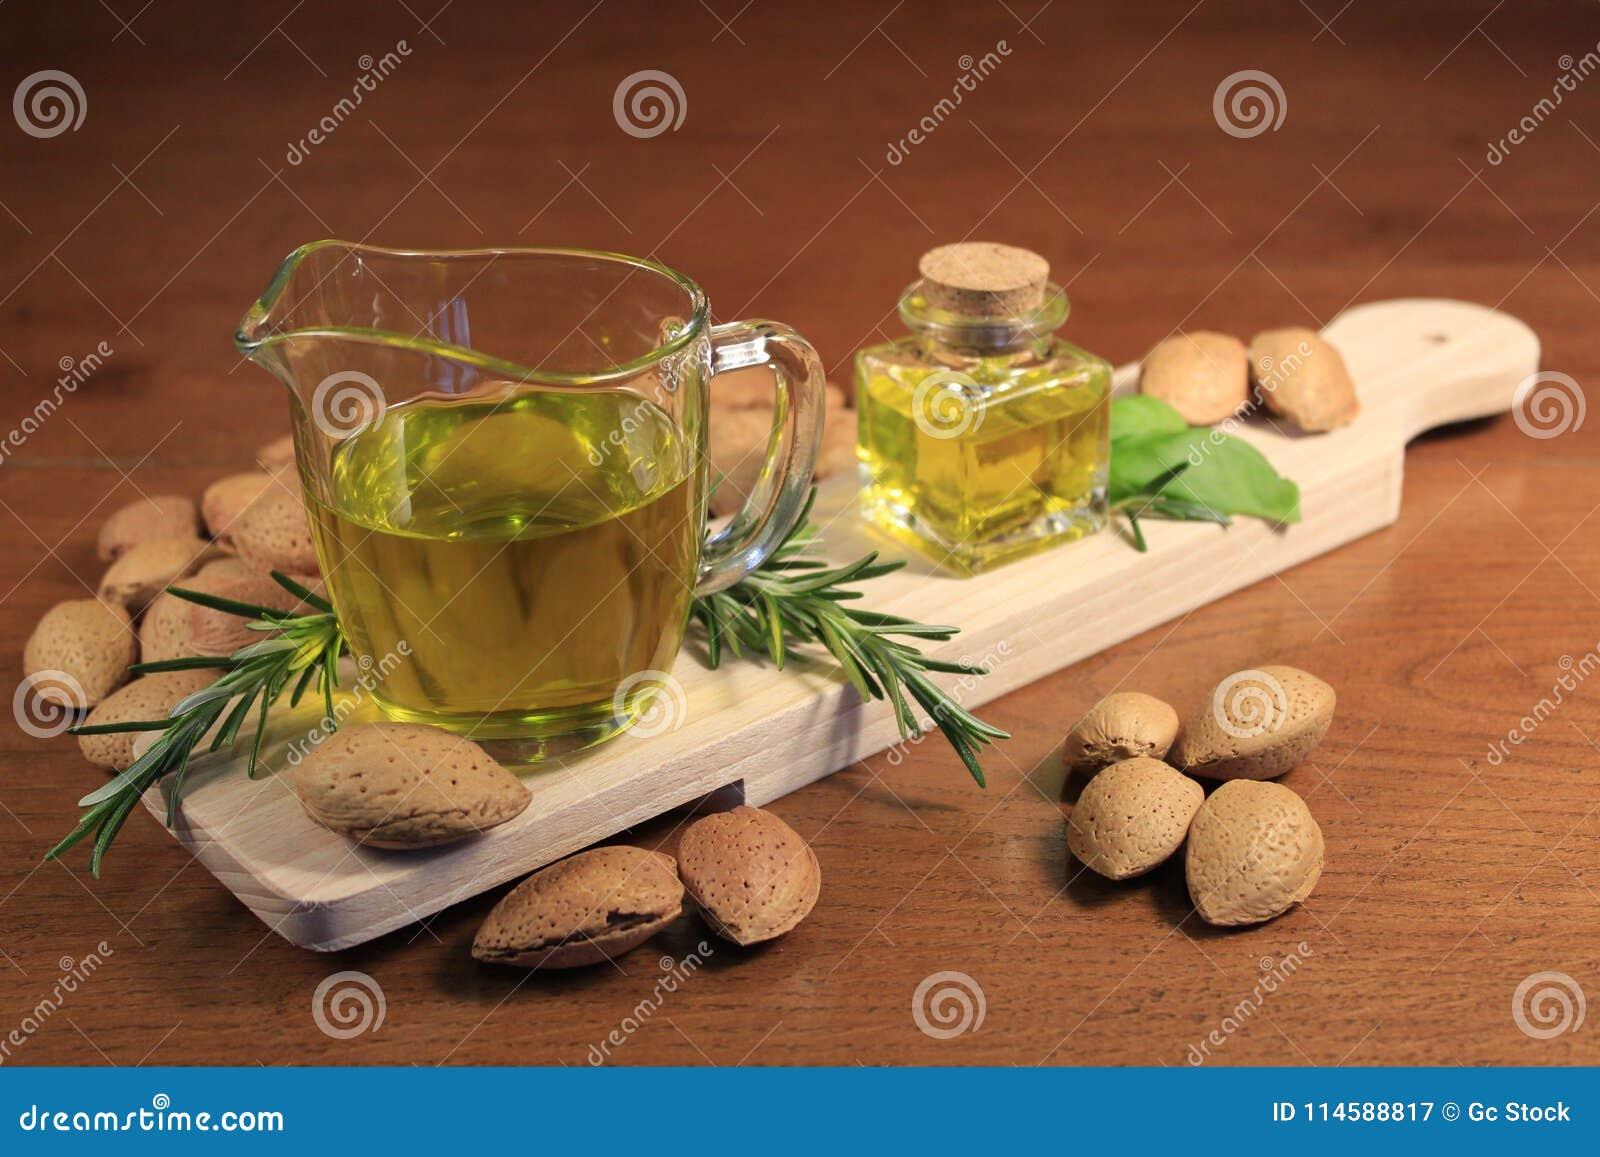 Κλείστε επάνω ενός ποτηριού του πετρελαίου αμυγδάλων με μερικά καρυκεύματα και αμύγδαλα σε έναν ξύλινο τέμνοντα πίνακα